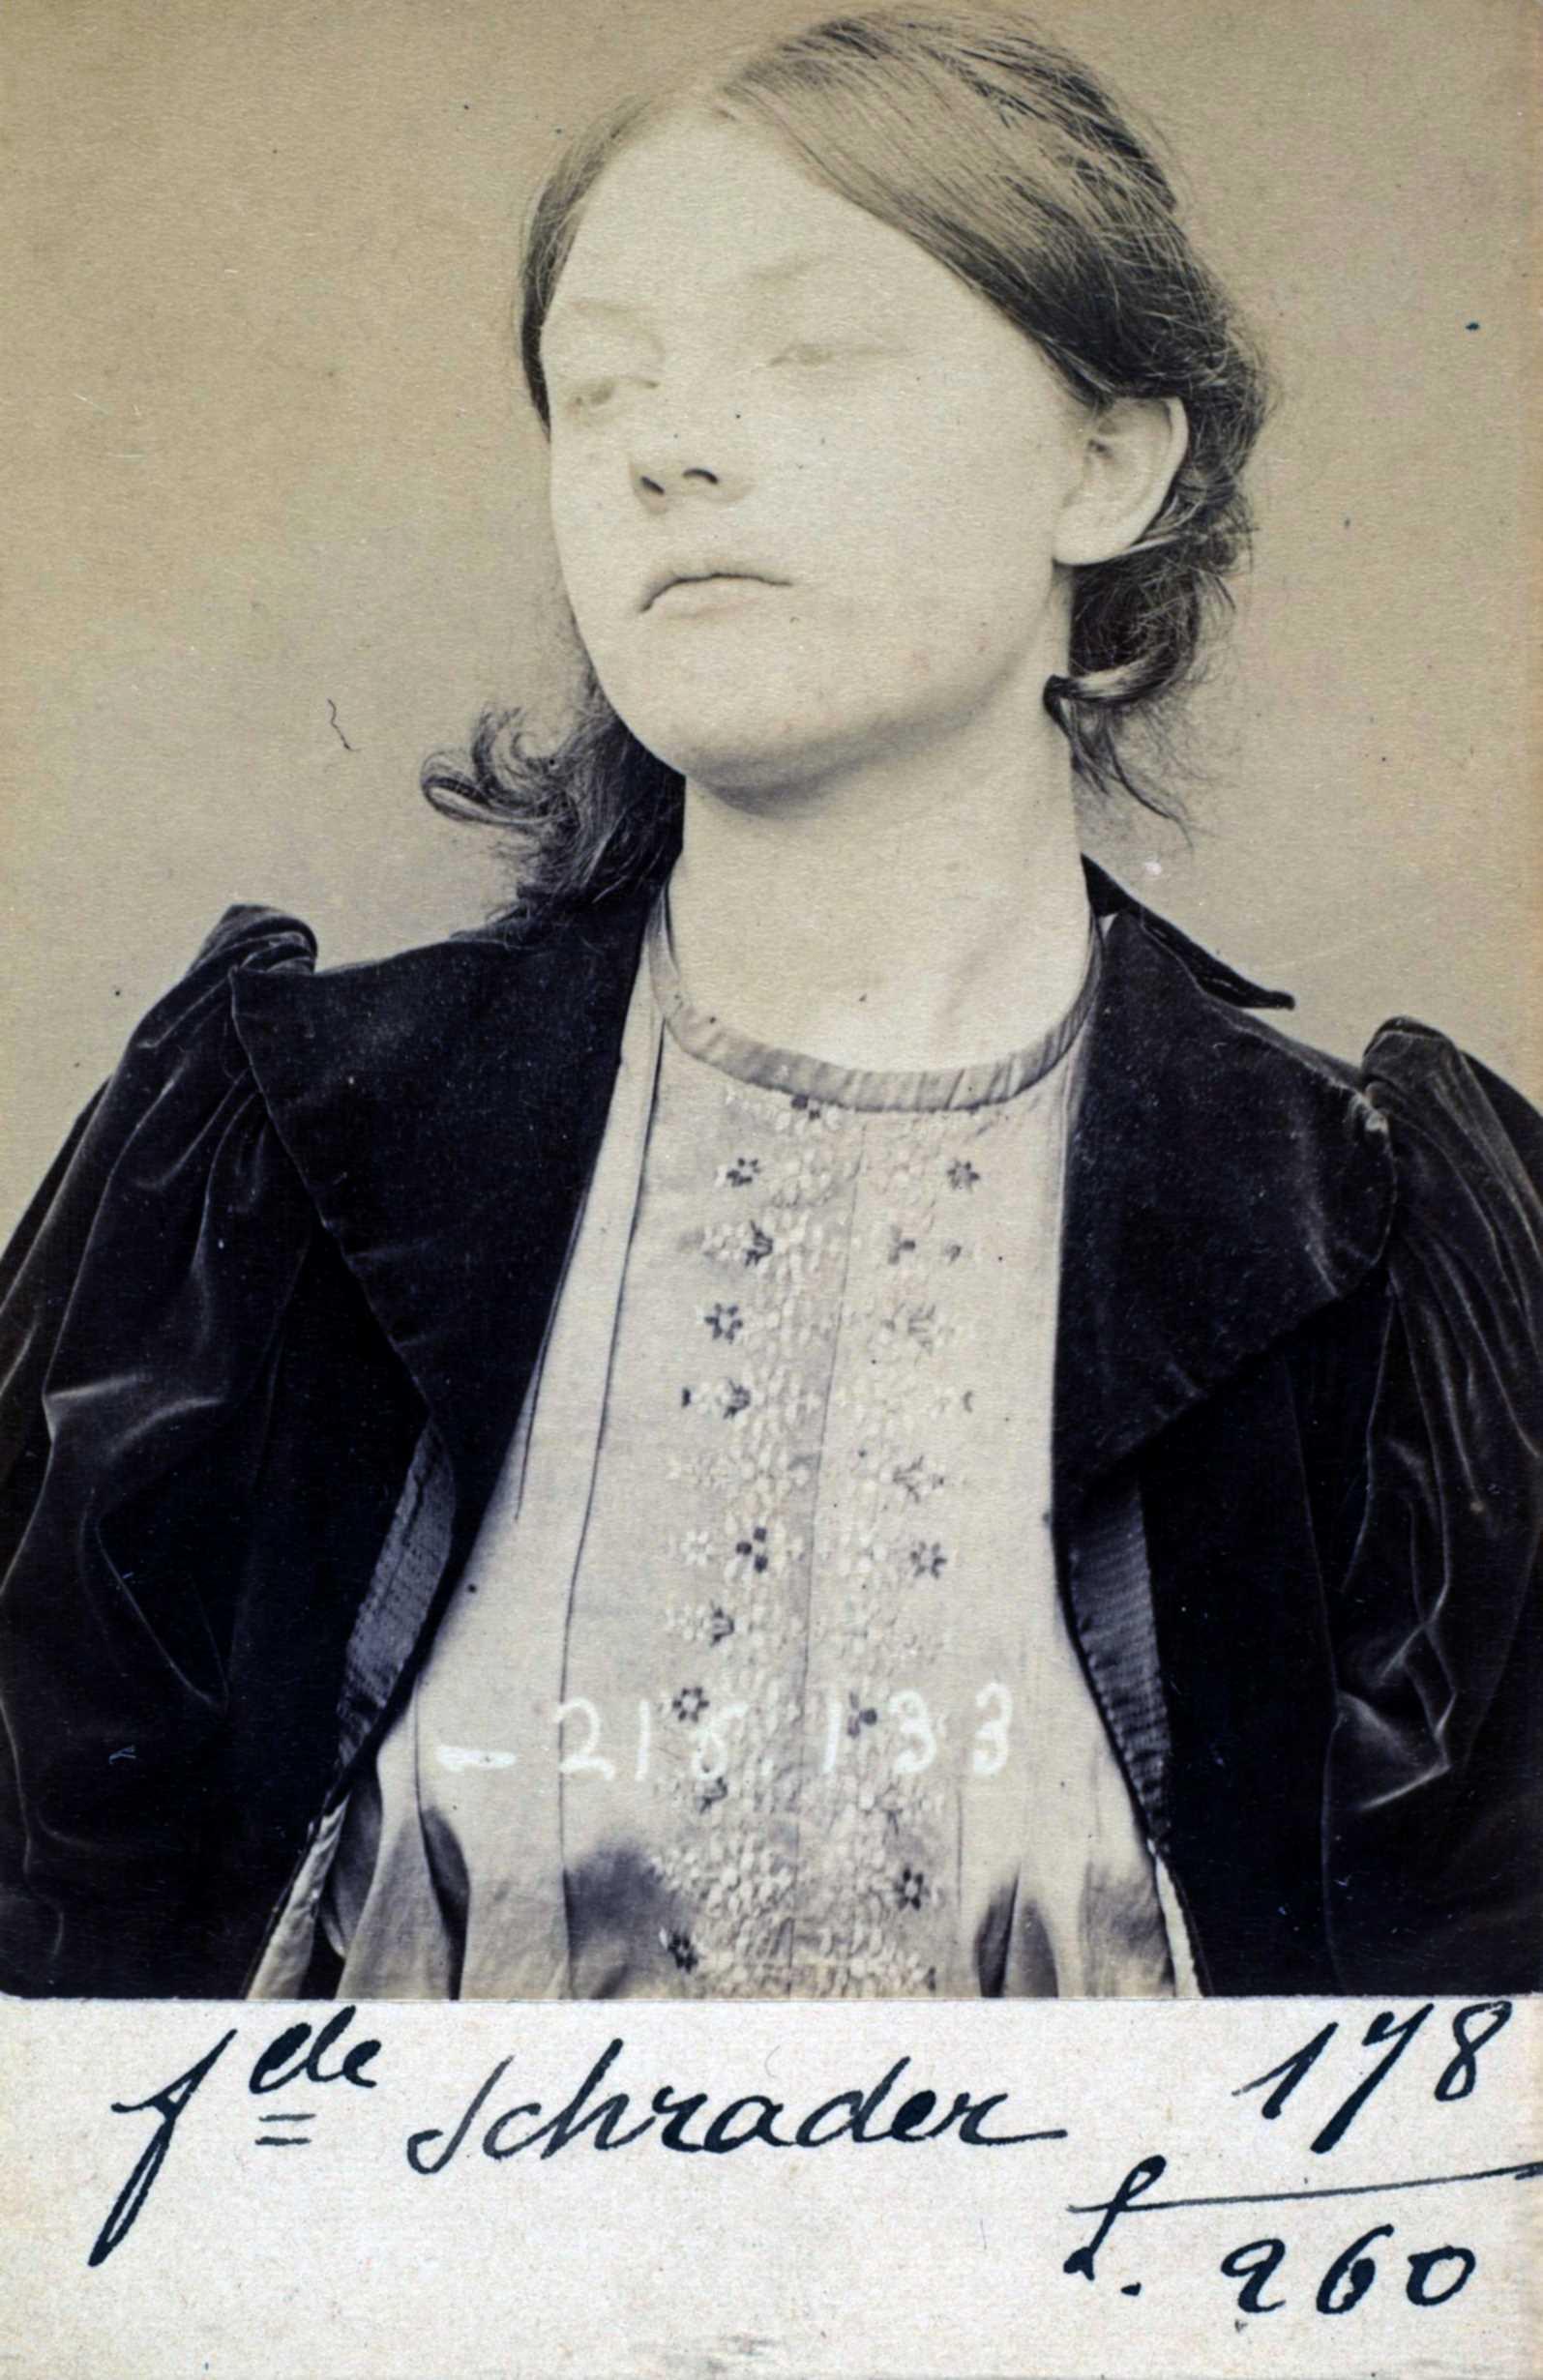 Foto policíaca de Mina Schrader (1894)